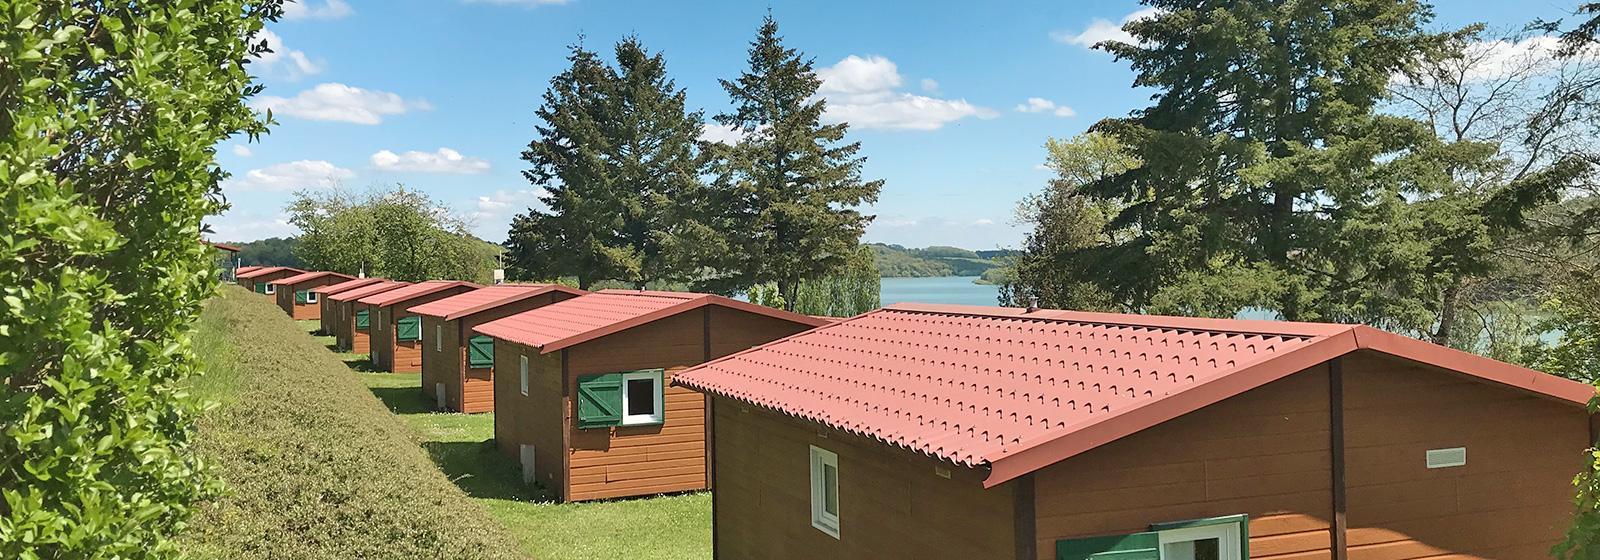 Camping 5 Étoiles En Champagne - Camping De La Liez Au Bord ... destiné Camping A La Ferme Avec Piscine